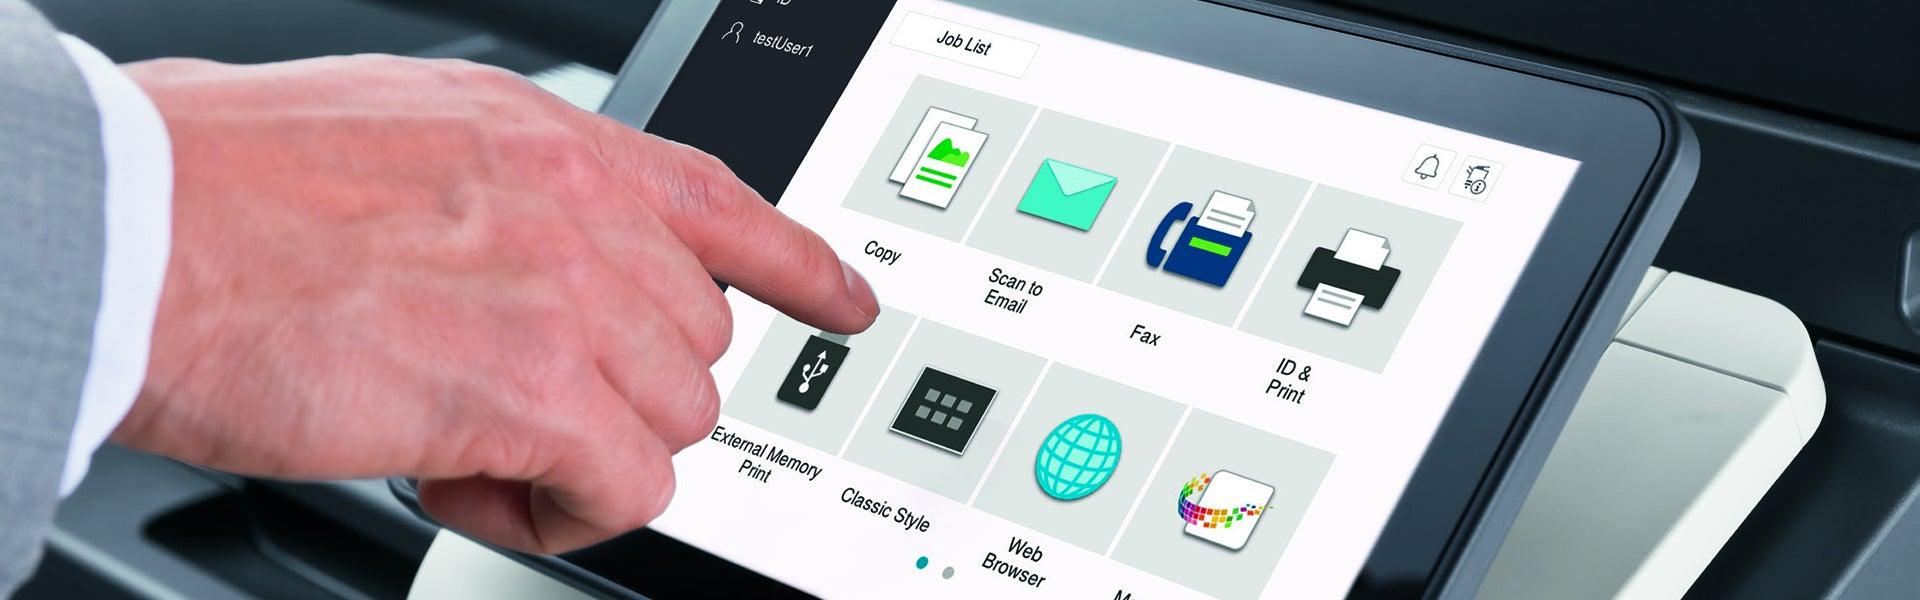 Großaufnahme einer Hand, die den Touchscreen eines Multifunktionssystems zum Drucken, Scannen und Kopieren bedient